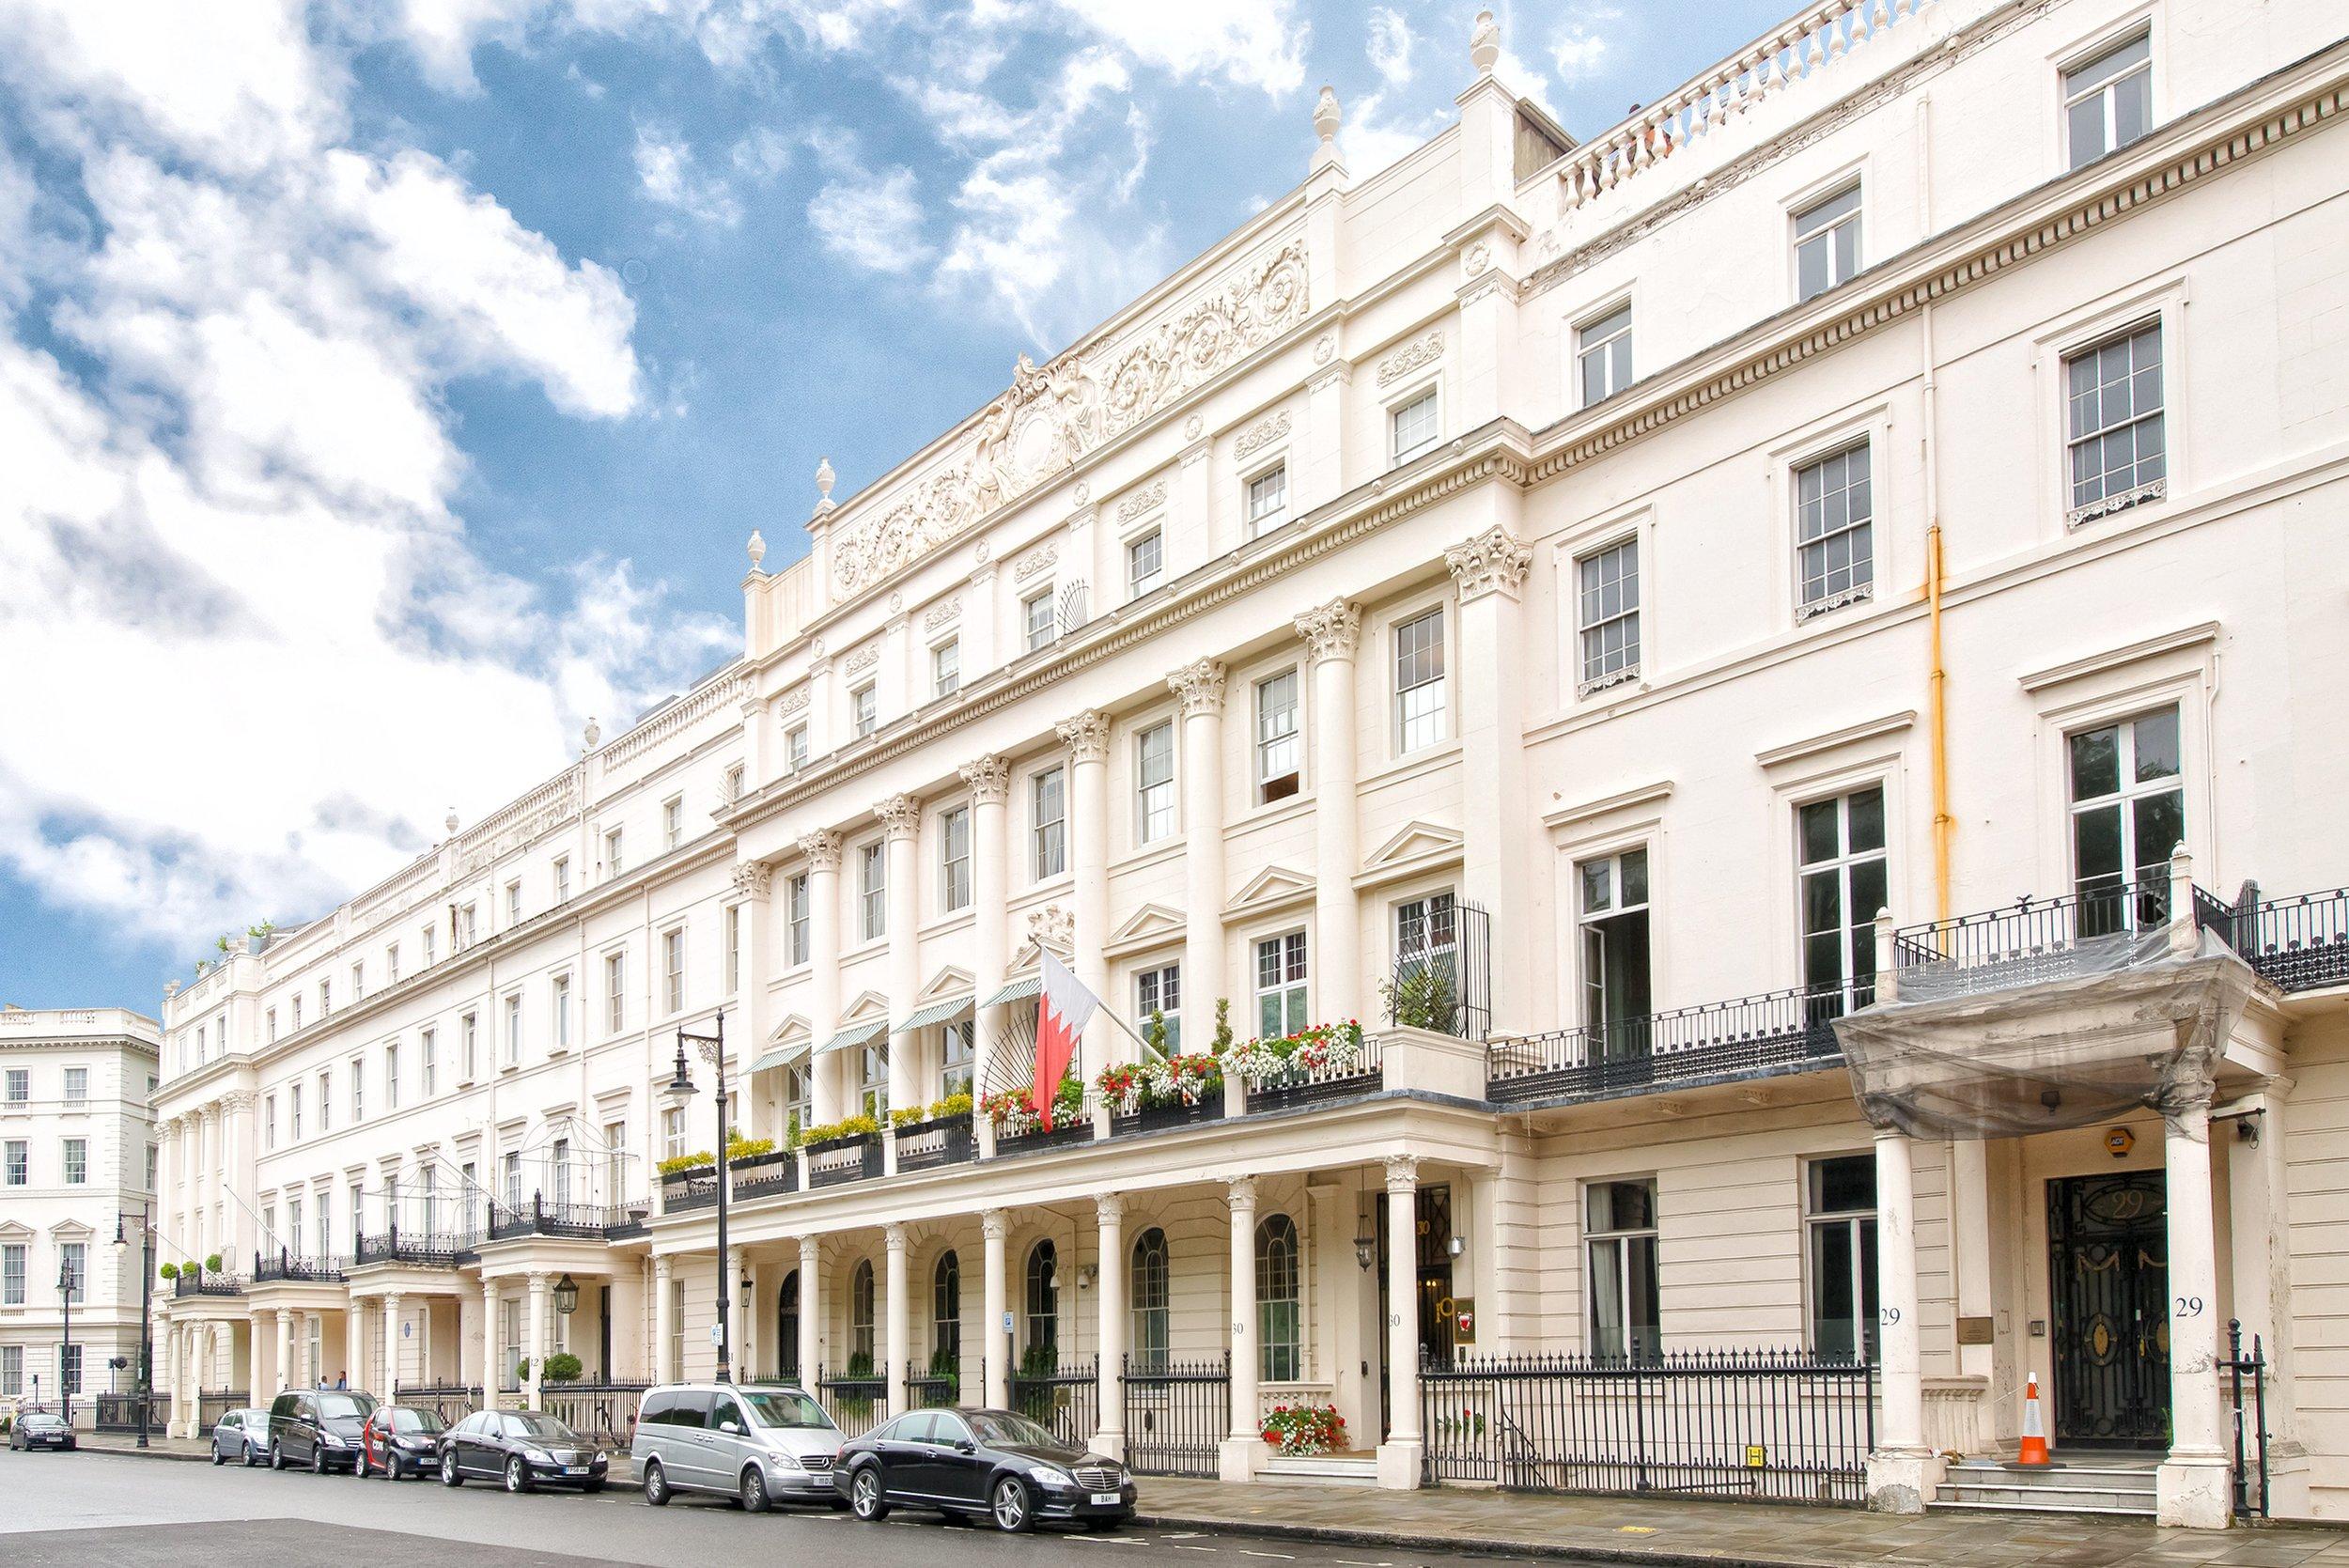 Belgrave Square in London's upscale Belgravia district